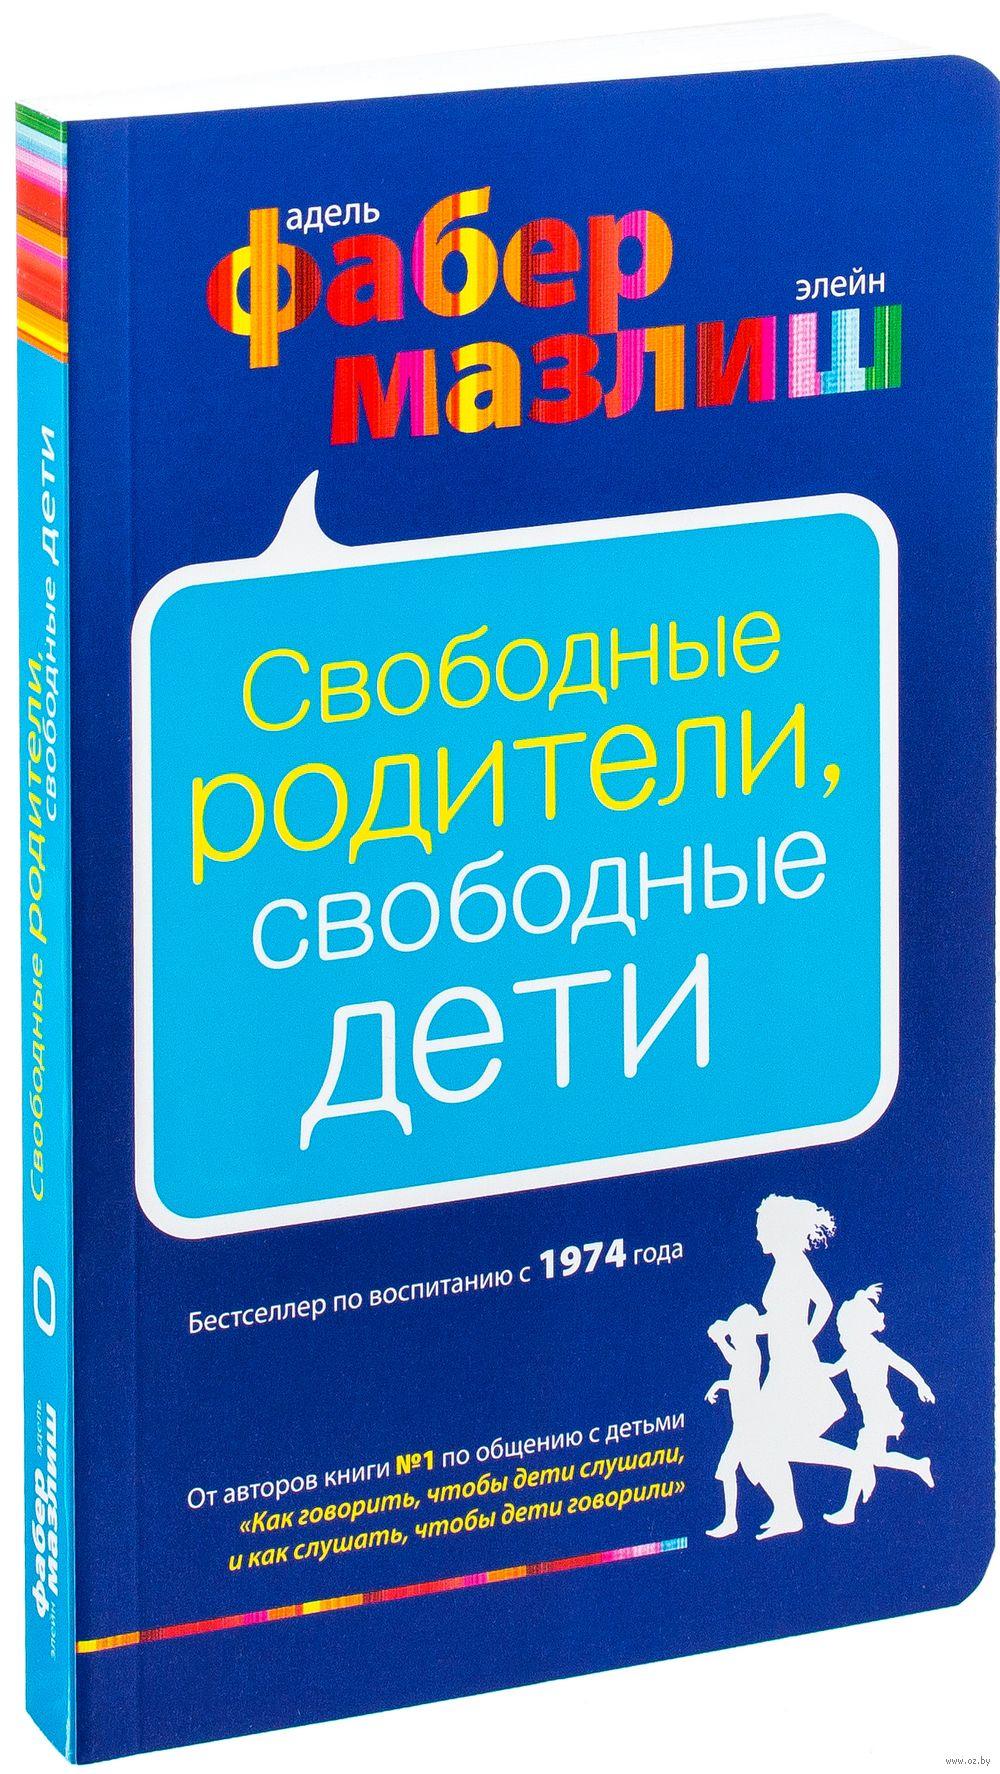 Свободные родители свободные дети книга скачать бесплатно